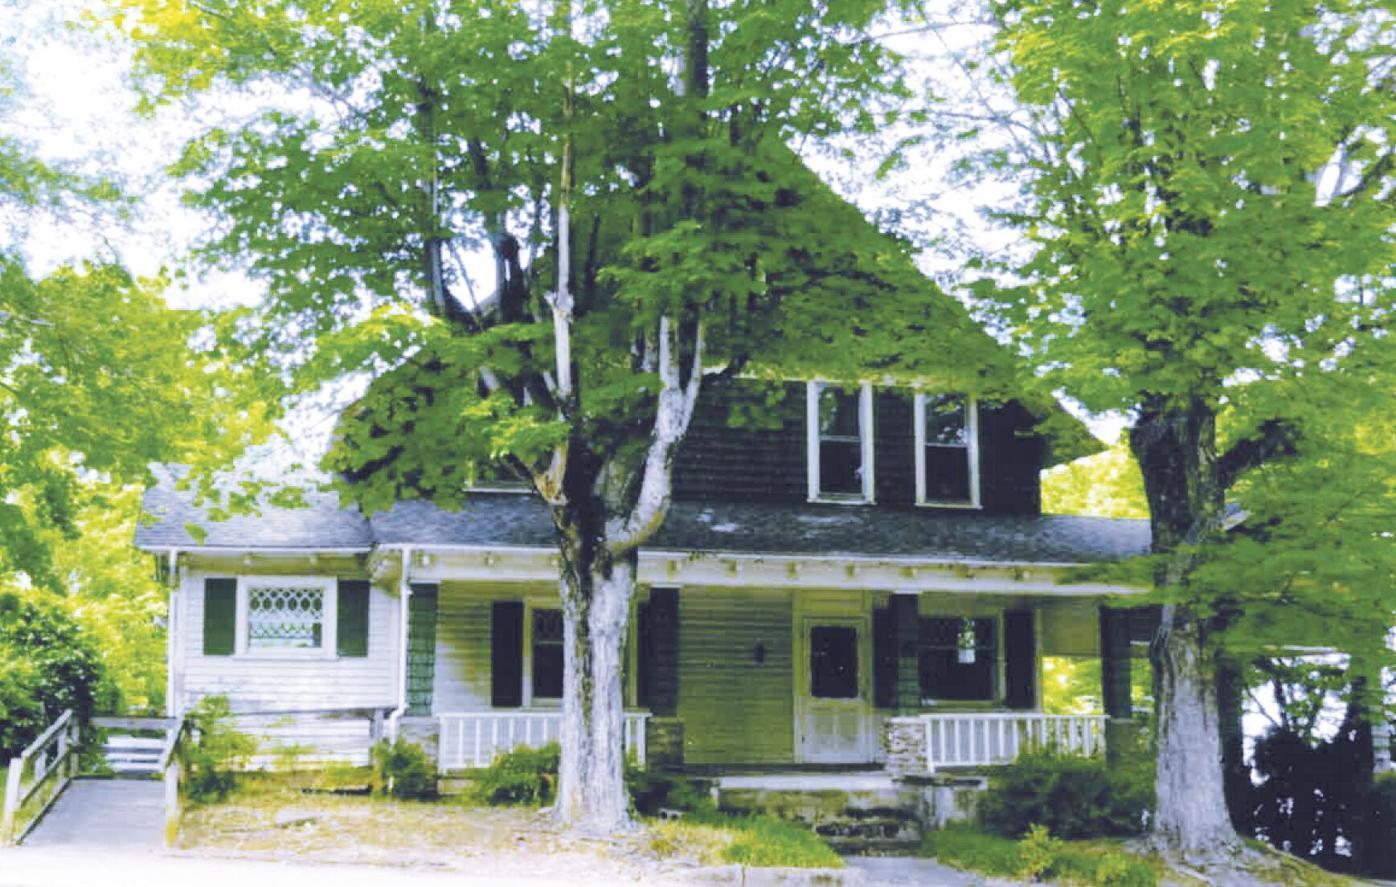 Bushnell-Ketner house